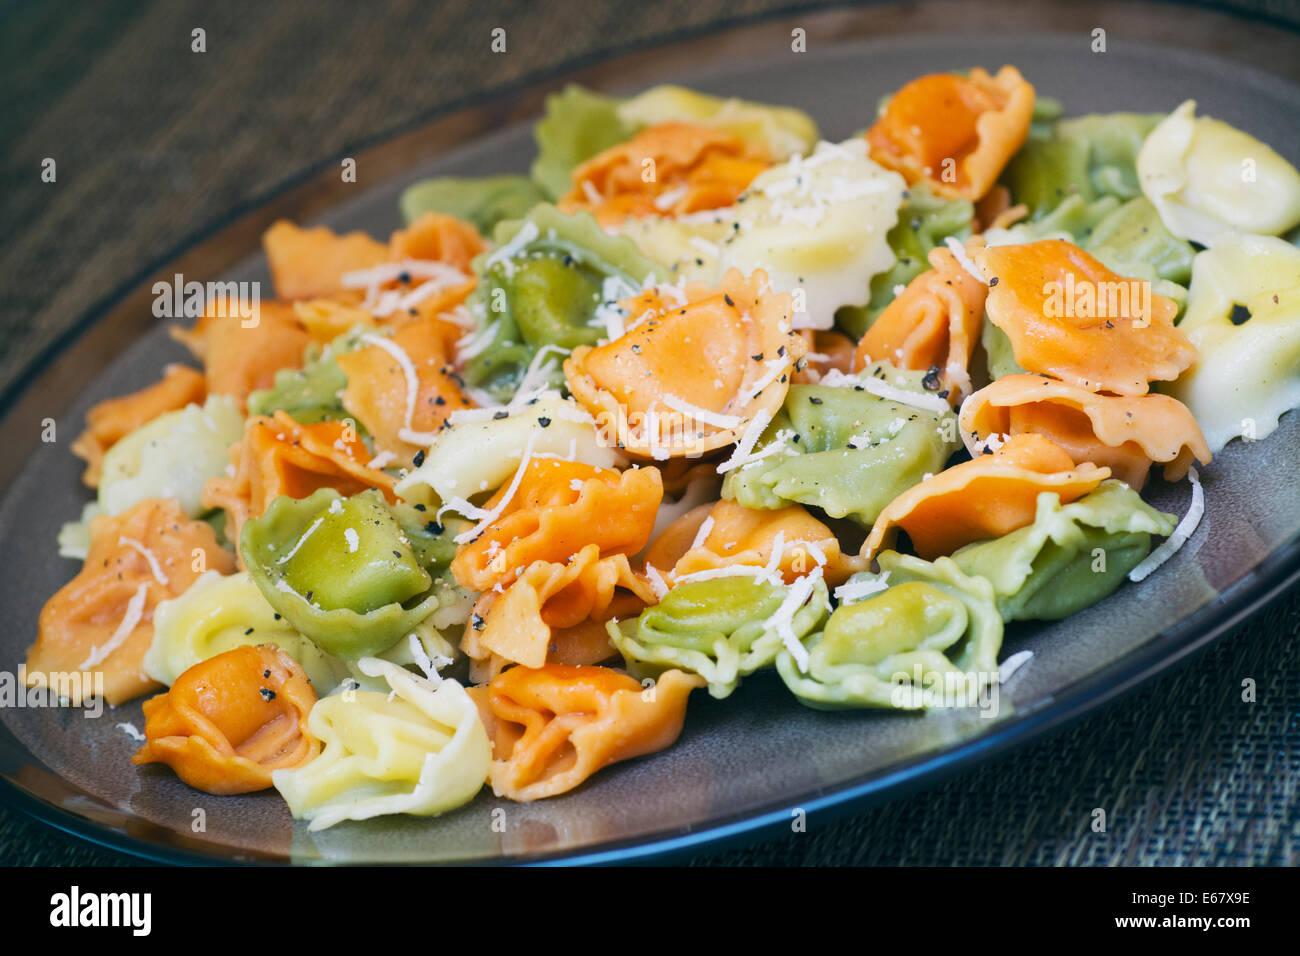 Piatto di tortellini tricolore Immagini Stock